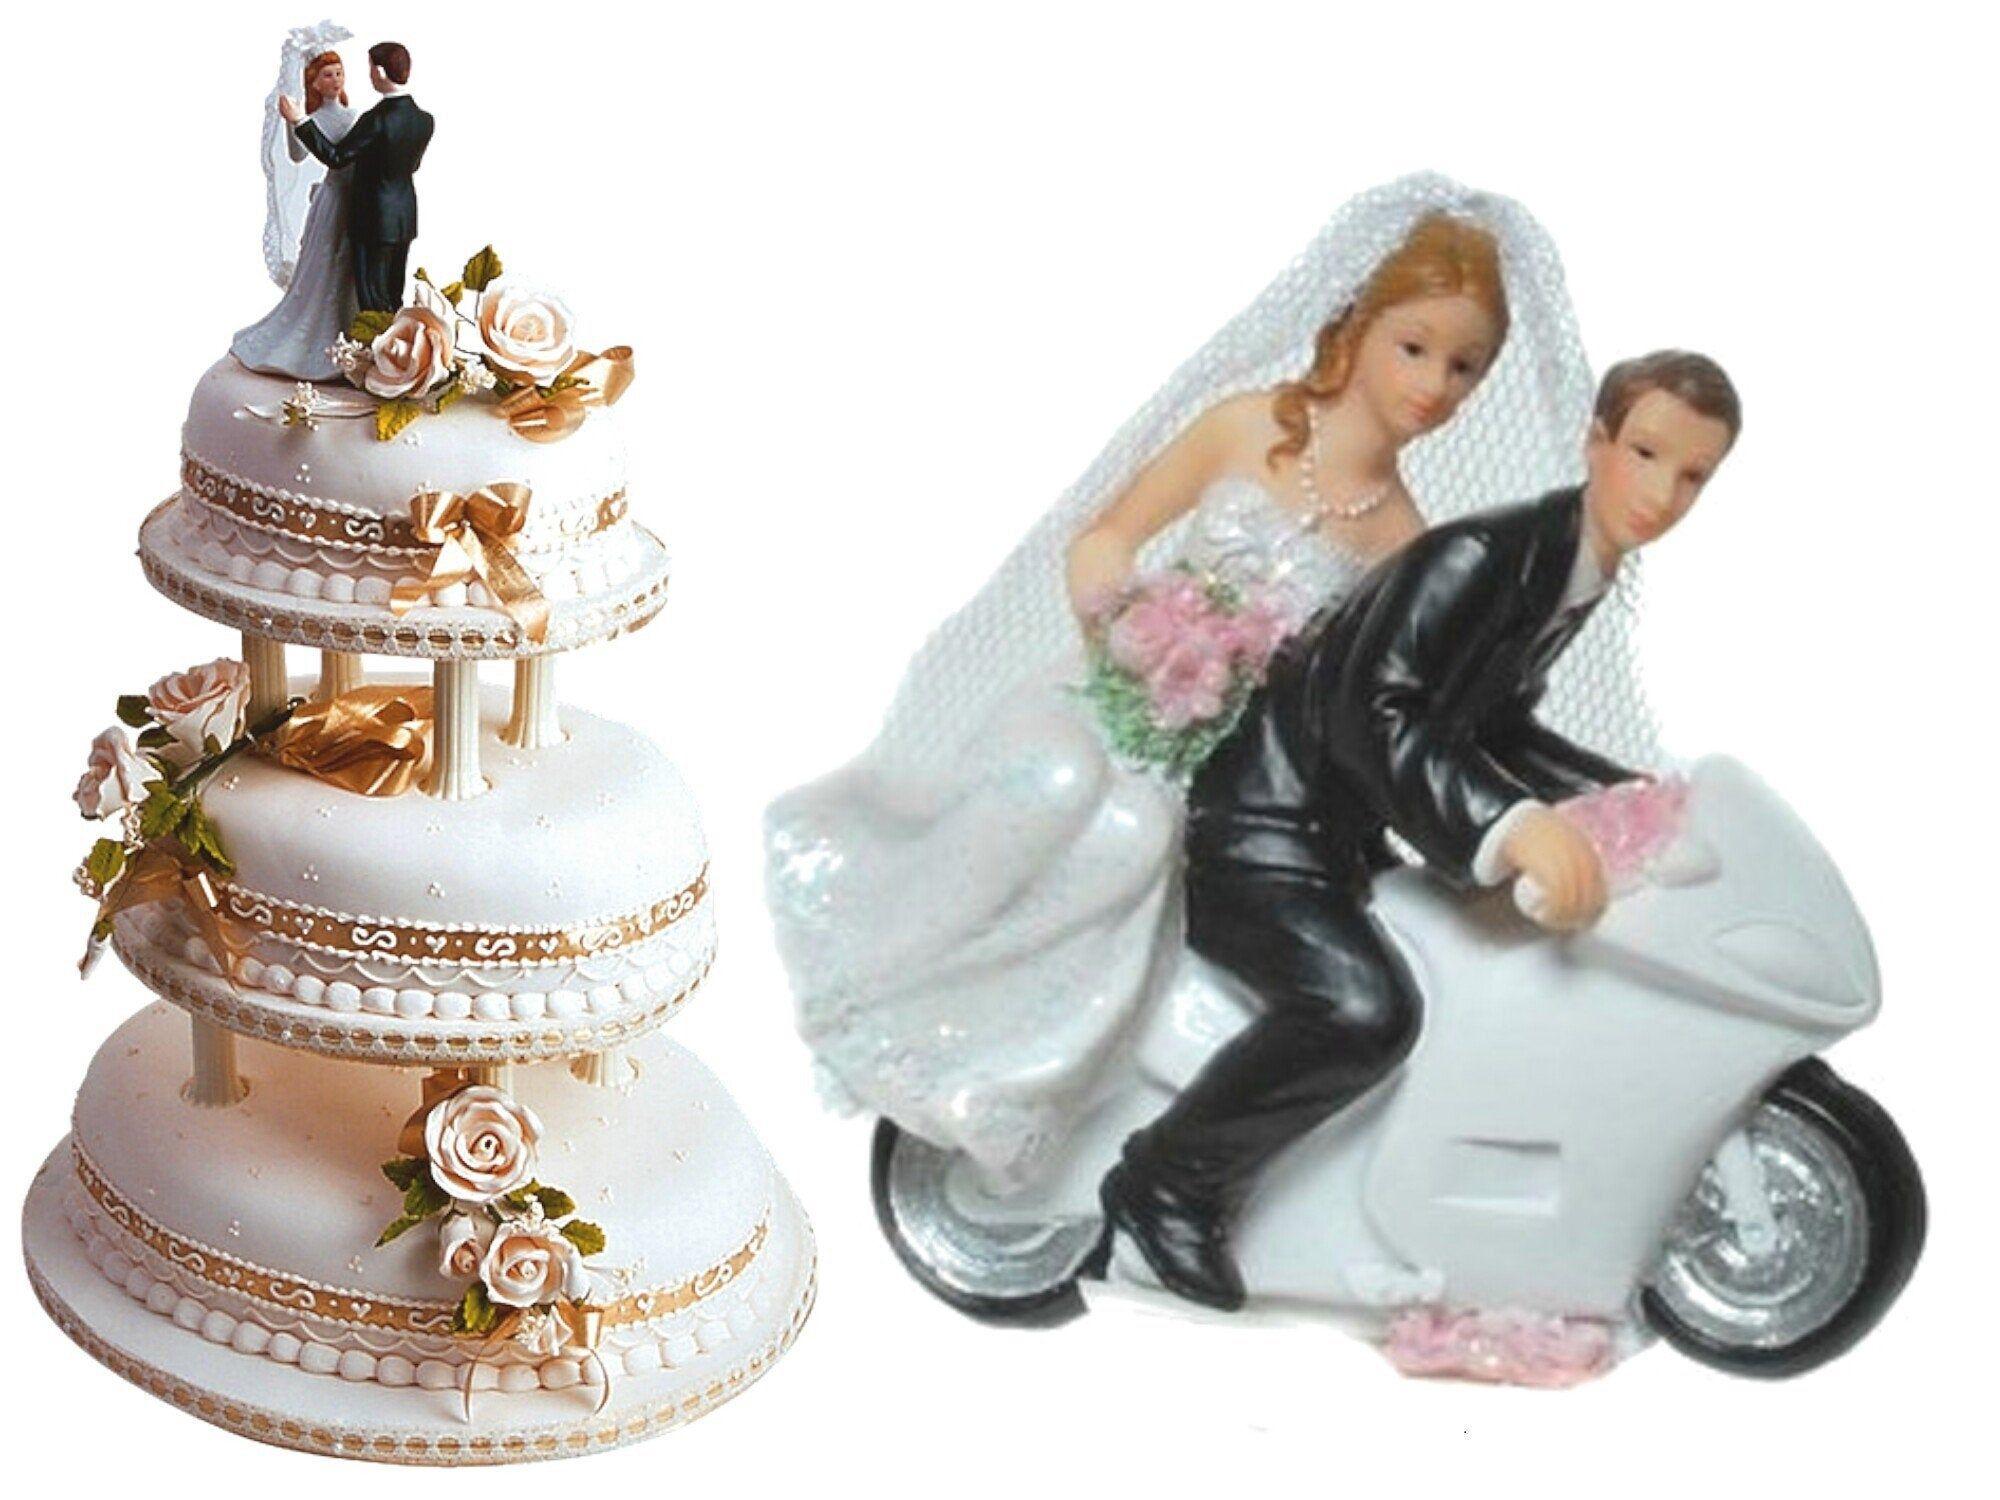 Deko Figur Zur Hochzeit Brautpaar Auf Motorrad In 2020 Snow Globes